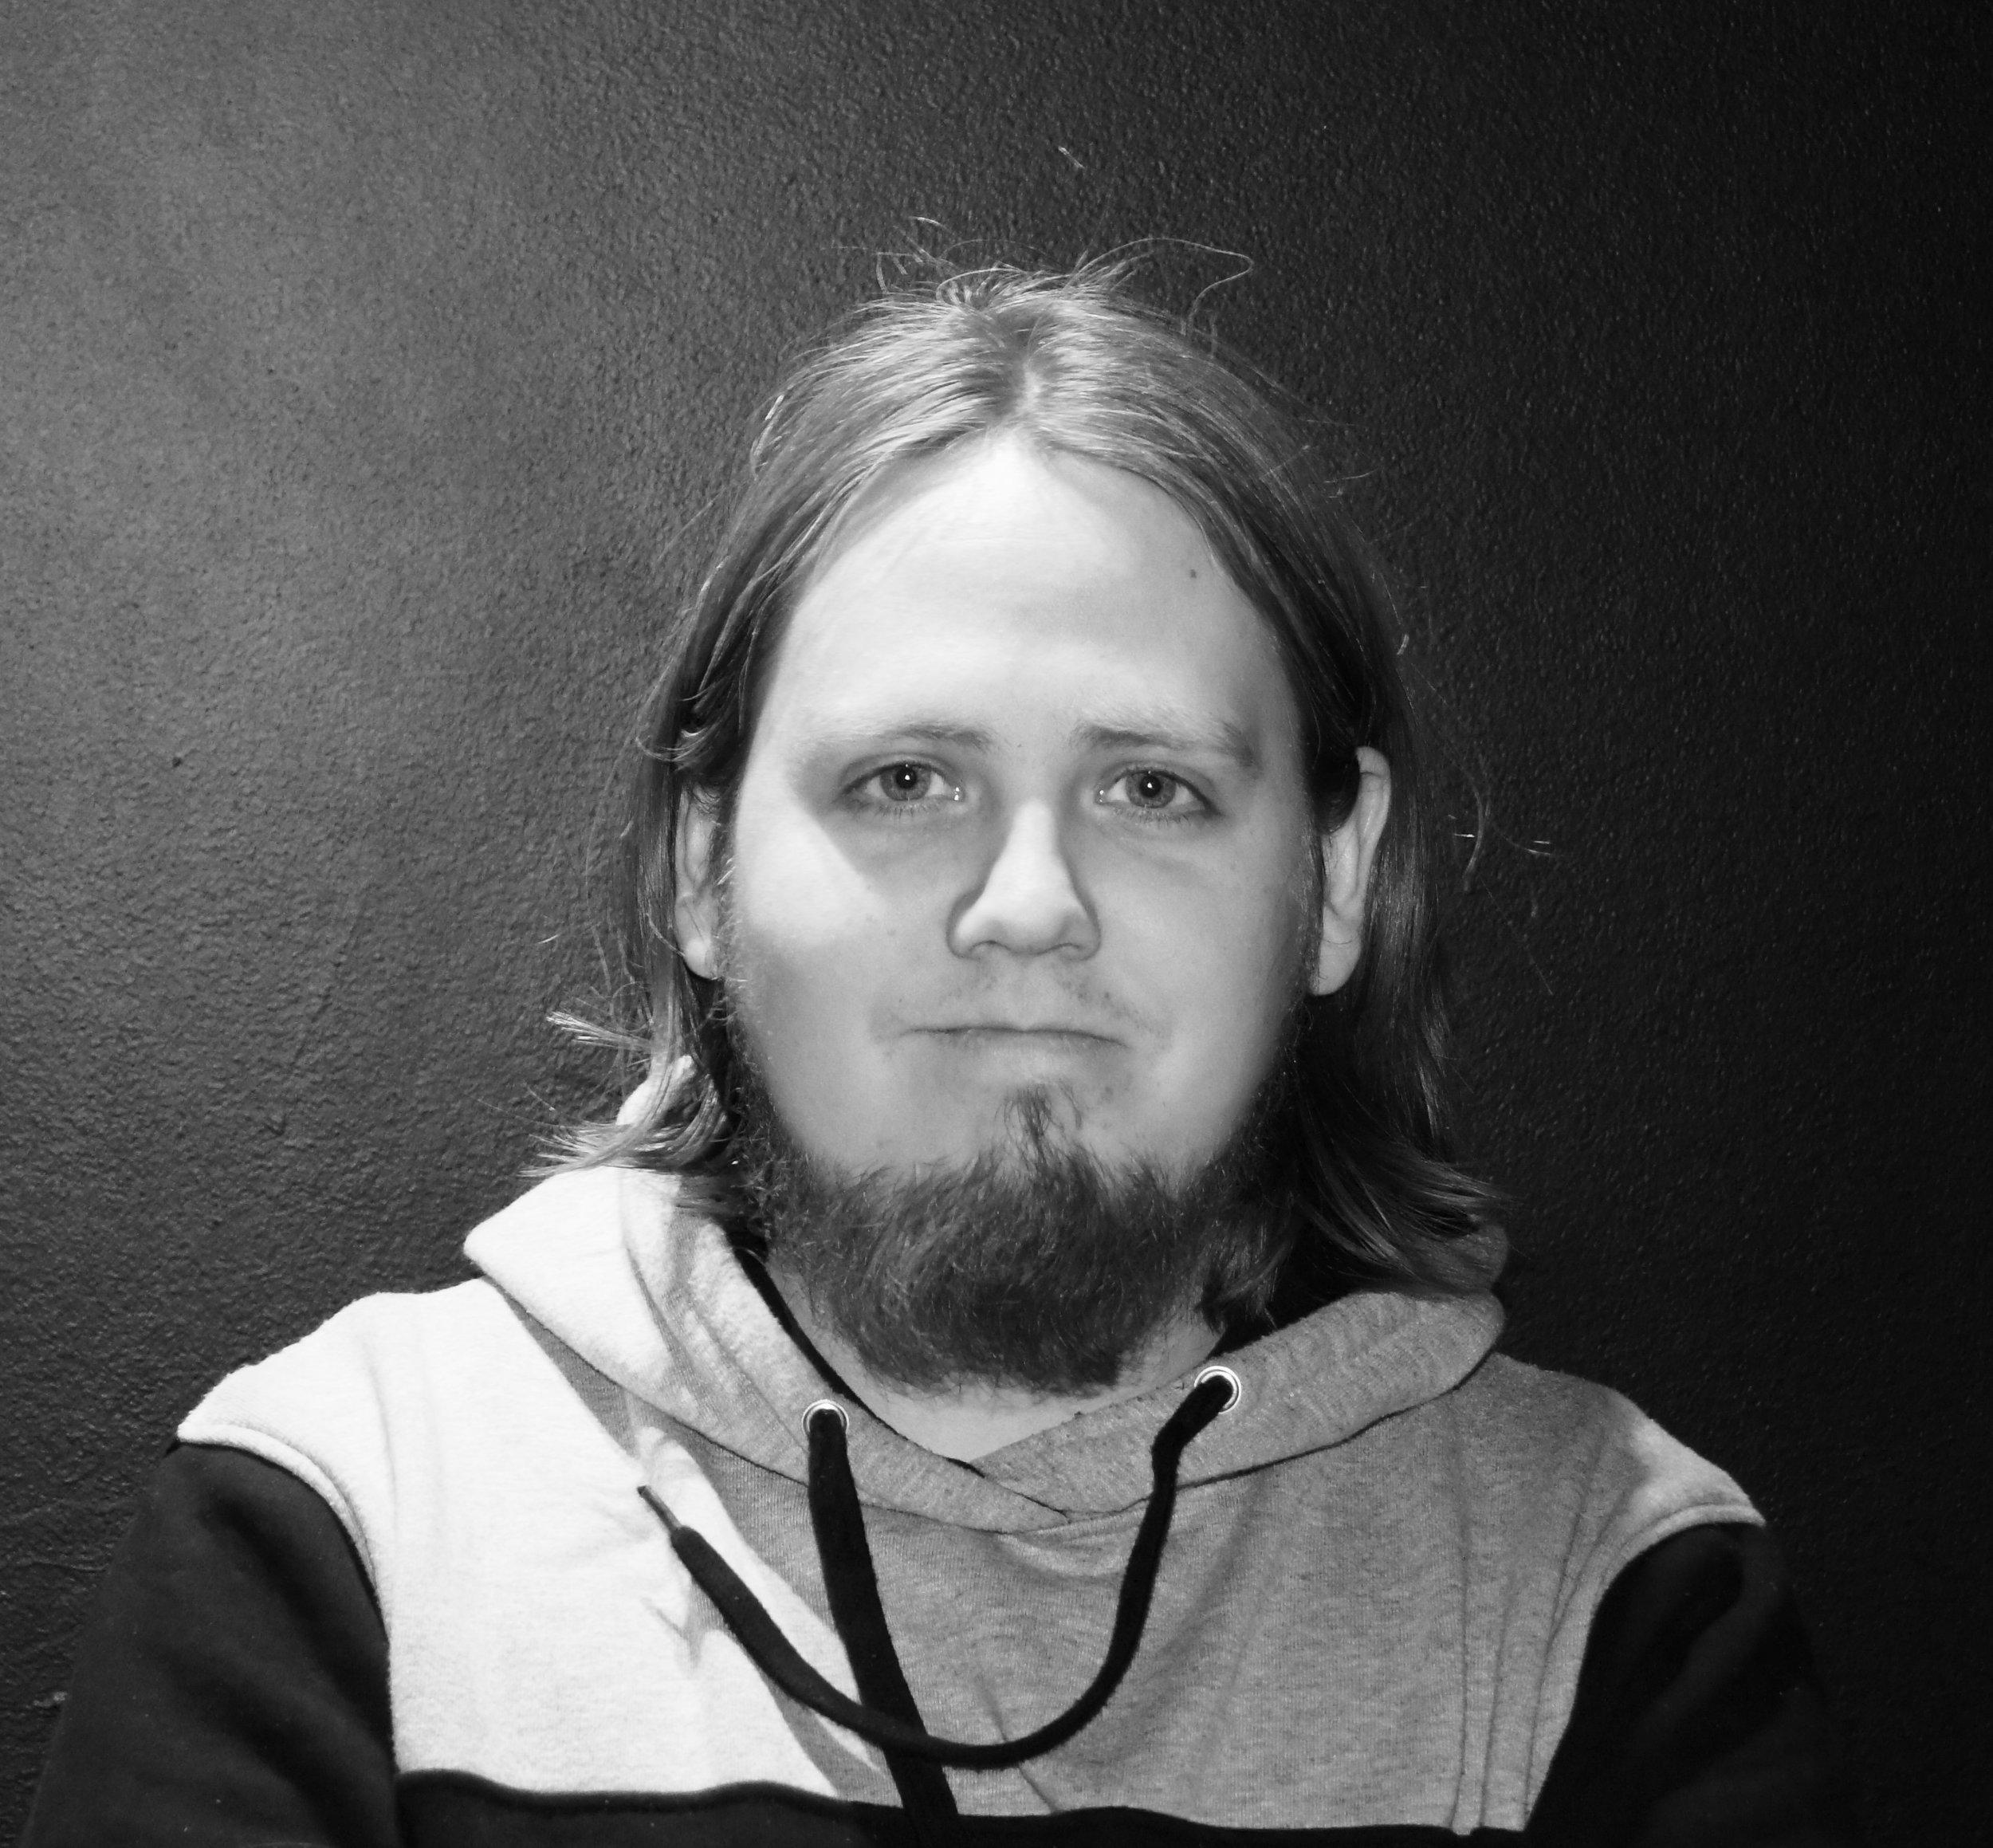 Daníel Sigurðarson / ROCK / METAL / Daniel@stengade.dk - Daniel er Stengades Islandske Metalguru. Med en utømmelig viden indenfor musik i den tunge ende, præsenterer Daniel hver eneste måned nye spændende acts fra Danmark og resten af verden. Daniel startede som crew på Stengade, og har igennem en årrække rykket op i graderne for nu at være en fast del af vores booking gruppe. Derudover er han en ivrig vinylsamler, festivalgænger og beskæftiger med musik i de fleste af døgnets 24 timer hvad end det handler om at booke eller lytte.